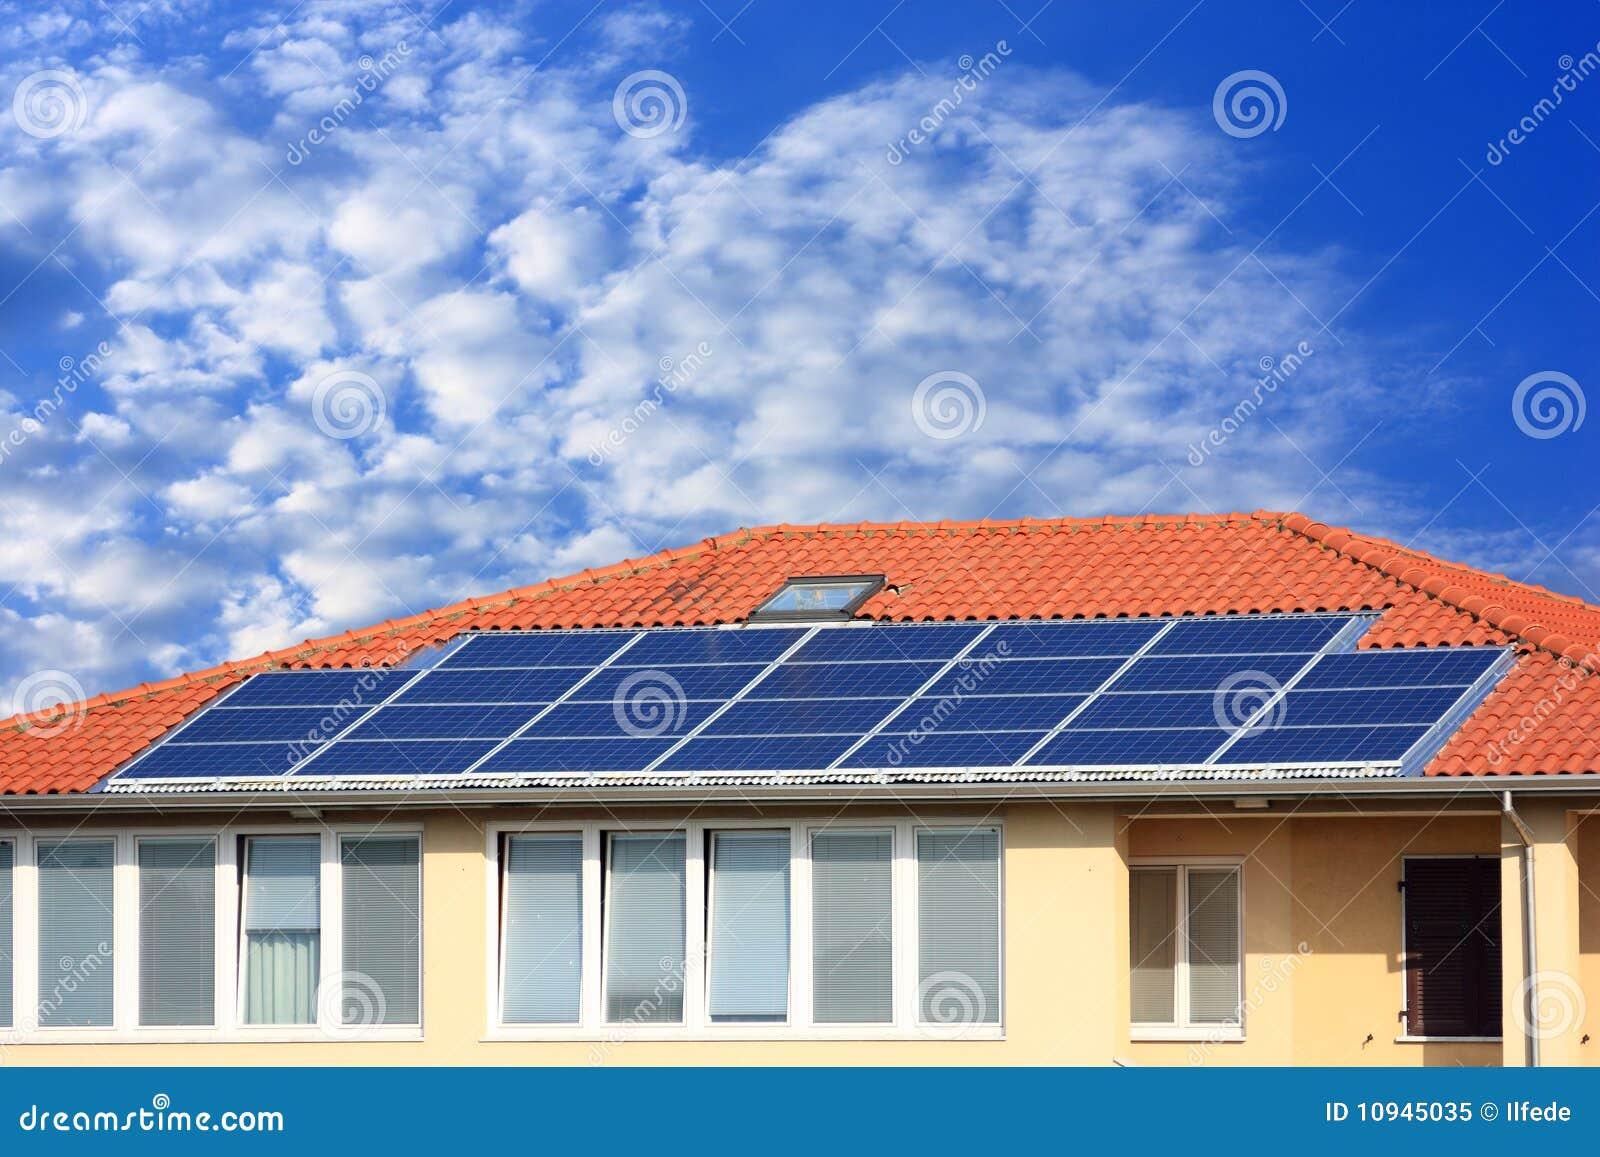 крыша панели фотовольтайческая солнечная